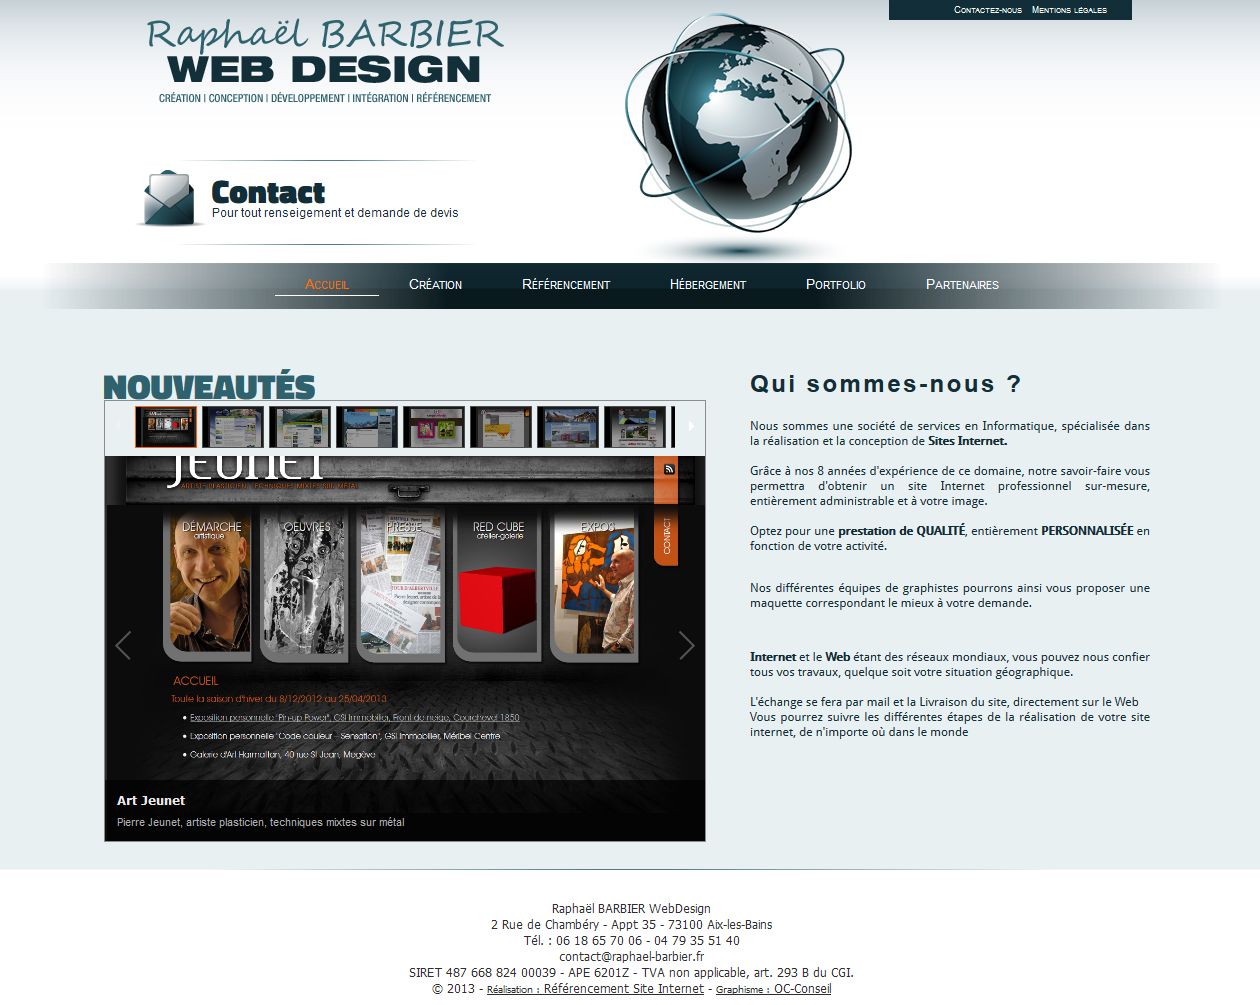 Conceptions et Créations de sites Internet - Raphaël BARBIER WebDesign